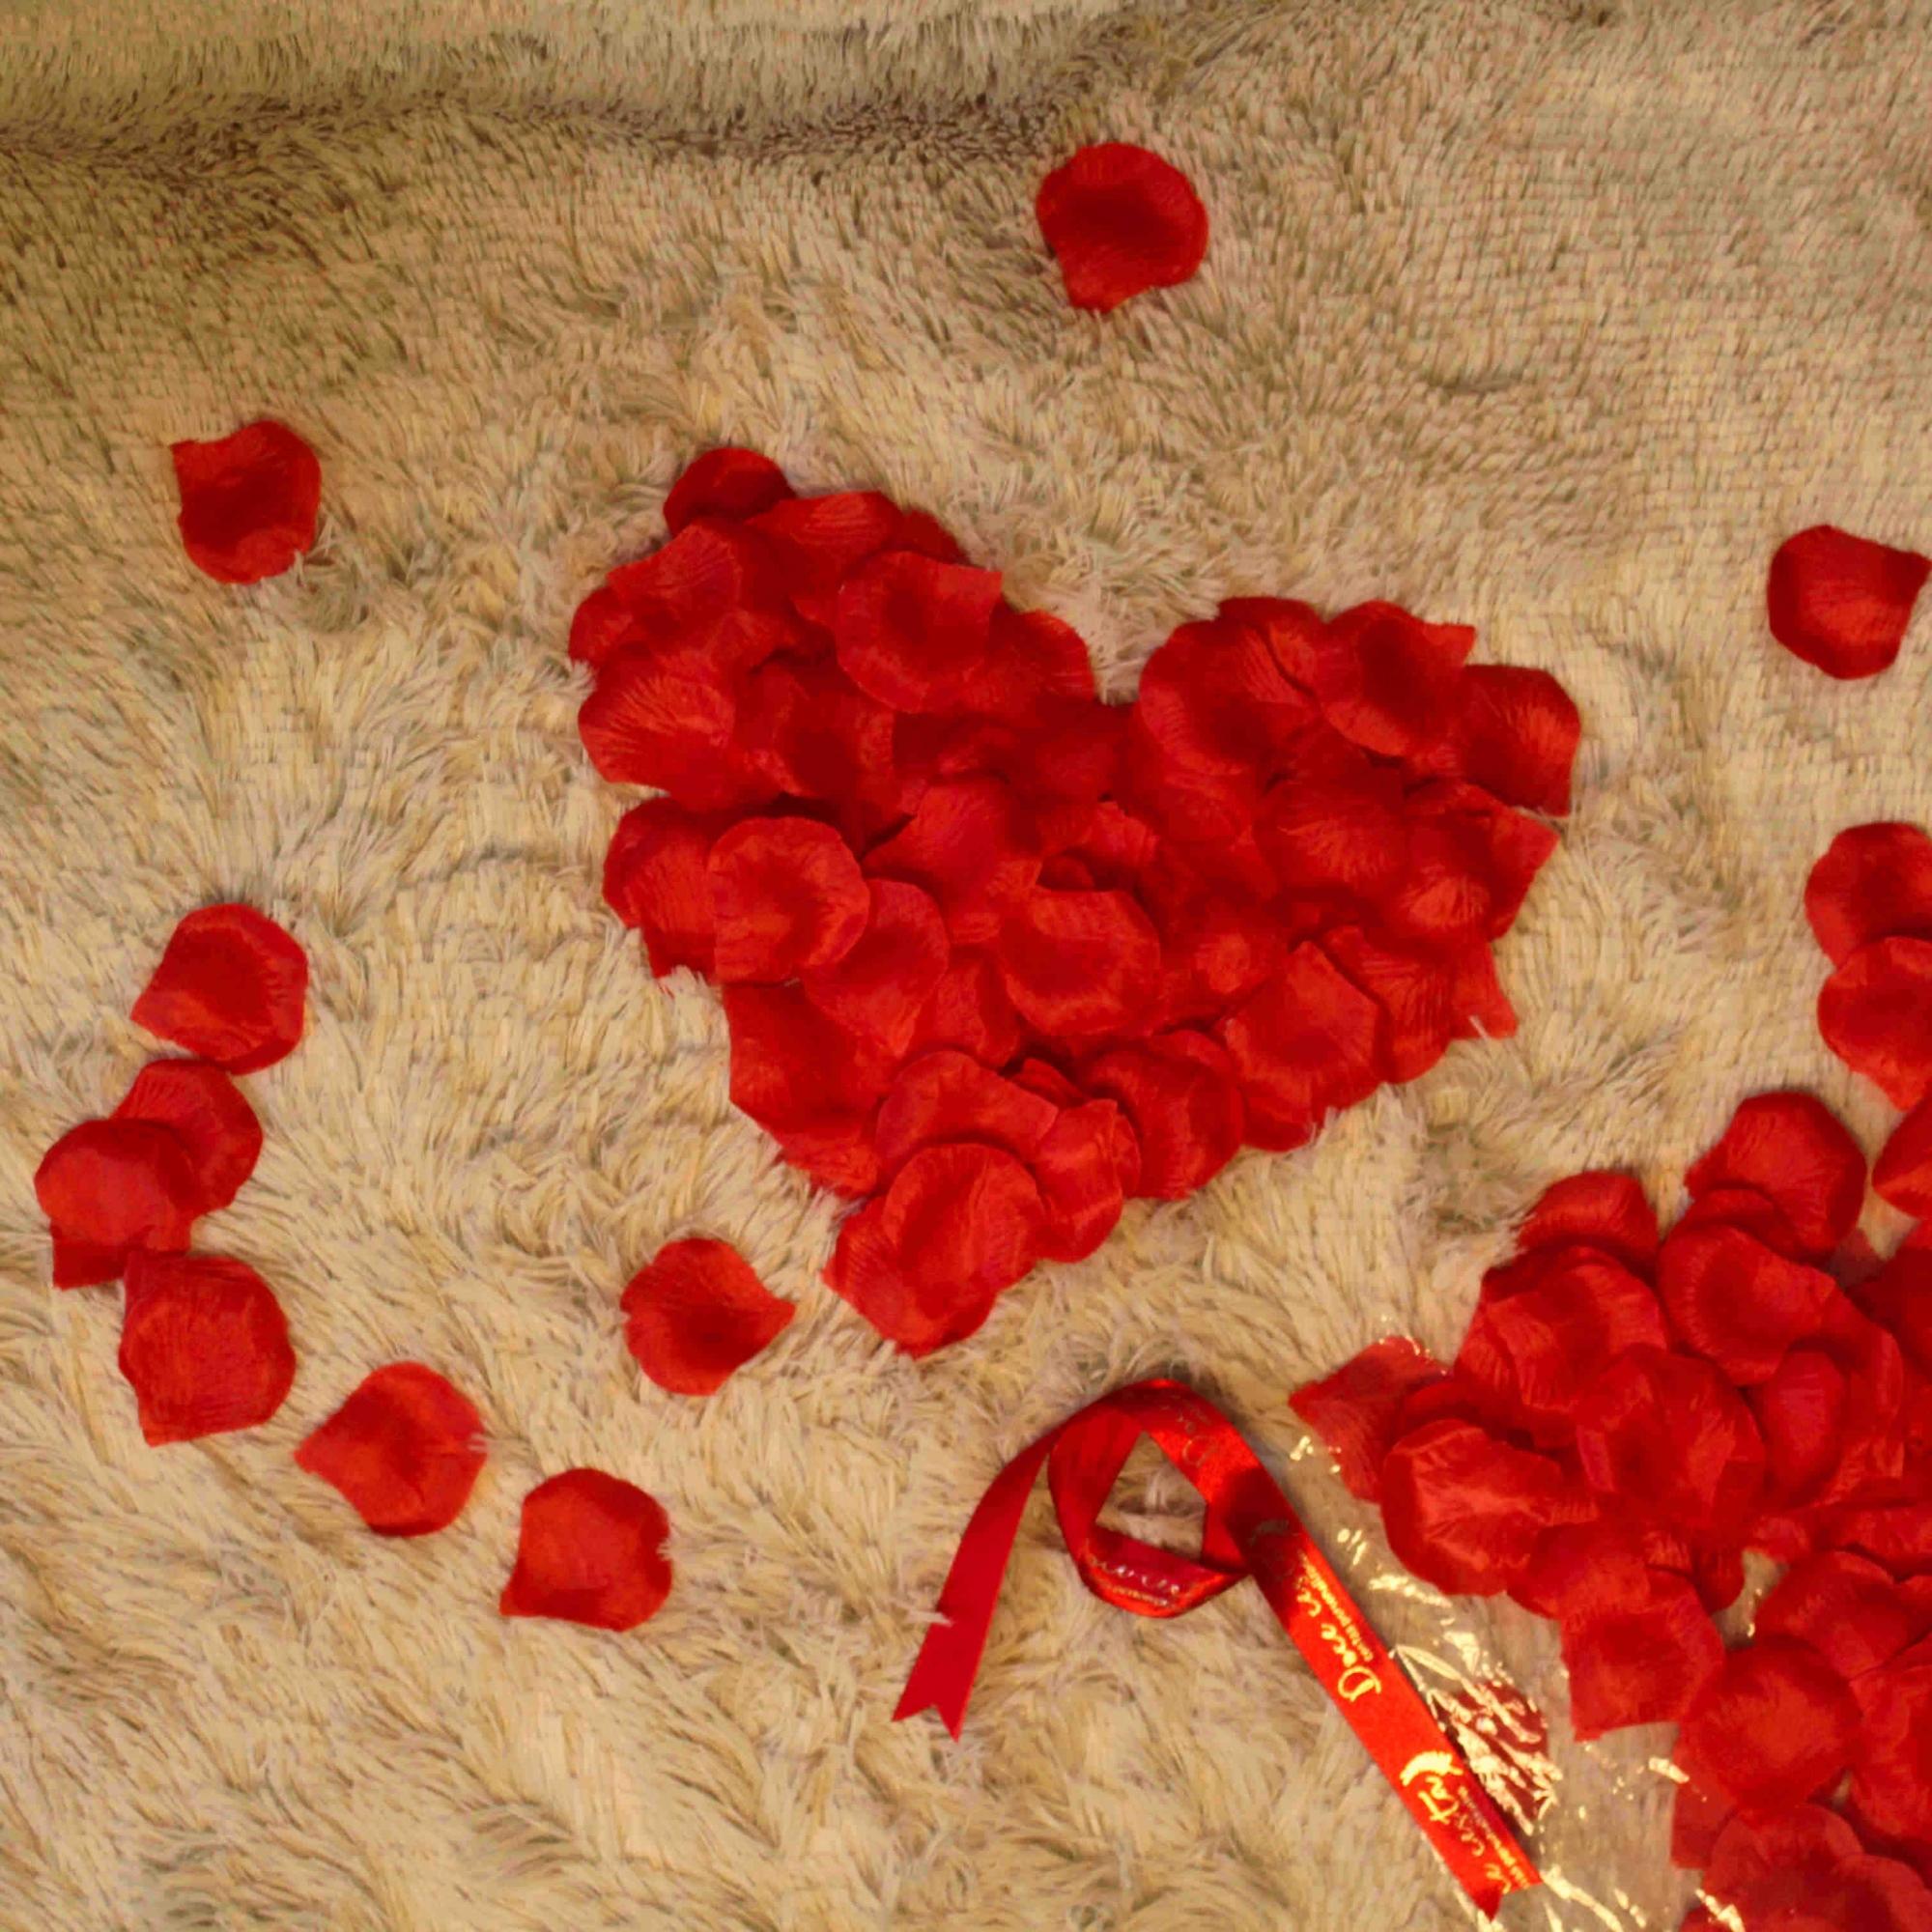 Pétalas de Rosas Naturais Vermelhas